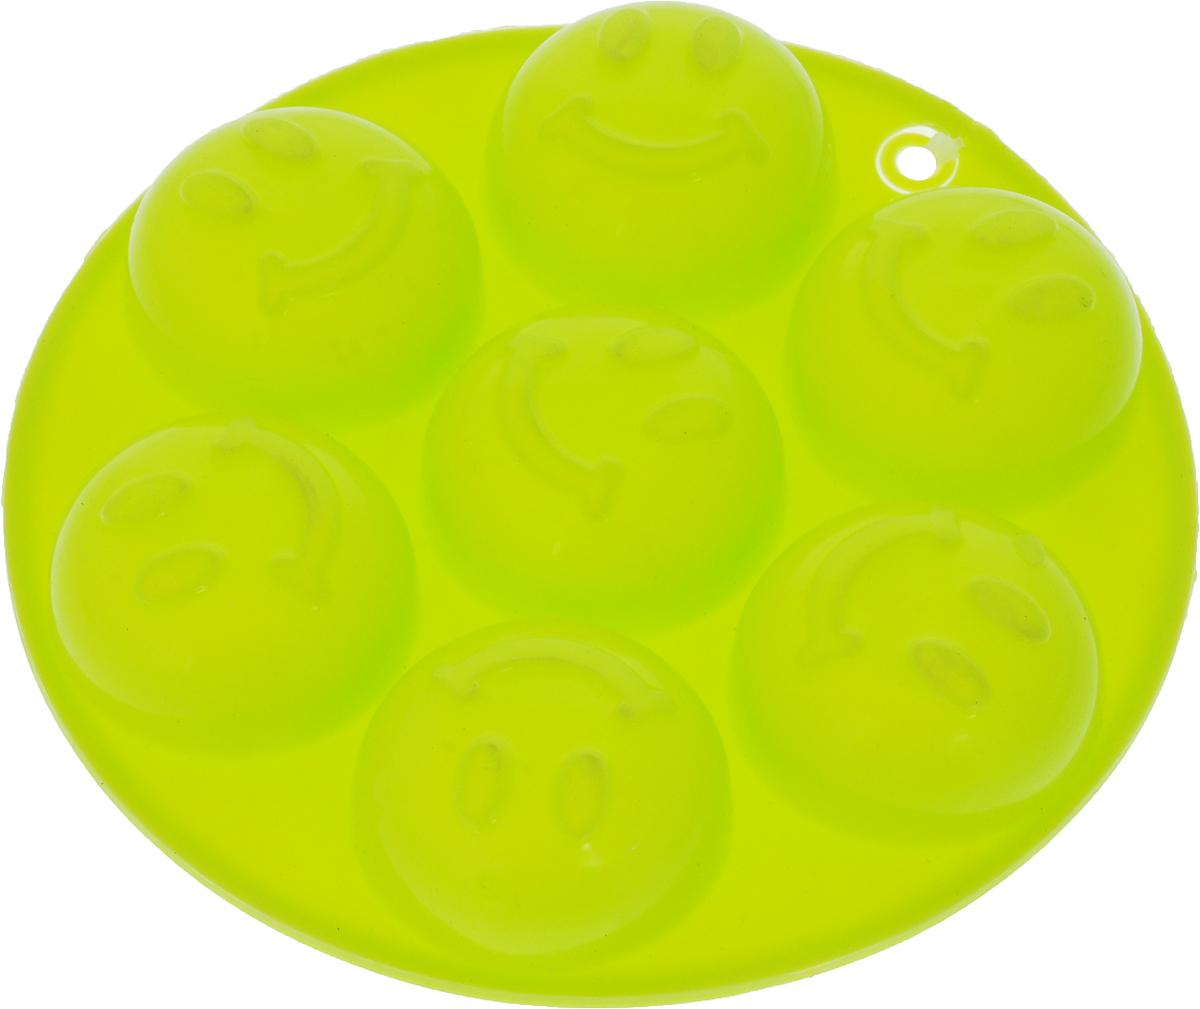 Форма для льда и шоколада Доляна, 7 ячеек, цвет: салатовый, диаметр 13,5 см1540899_салатовыйФигурная форма для льда и шоколада Доляна выполнена из пищевого силикона, который не впитывает запахов, отличается прочностью и долговечностью. Материал полностью безопасен для продуктов питания. Кроме того, силикон выдерживает температуру от -40°С до +250°С. Благодаря гибкости материала готовый продукт легко вынимается и не крошатся. Лед получается идеальной формы. С силиконовыми формами для льда легко фантазировать и придумывать новые рецепты. В формах можно заморозить сок или приготовить мини порции мороженого, желе, шоколада или другого десерта. Особенно эффектно выглядят льдинки с замороженными внутри ягодами или дольками фруктов. Заморозив настой из трав, можно использовать его в косметологических целях.Форма легко отмывается, в том числе в посудомоечной машине. Можно использовать в духовом шкафу и морозильной камере.Общий размер формы: 13,5 х 13,5 х 2 см.Диаметр ячейки: 4 см.